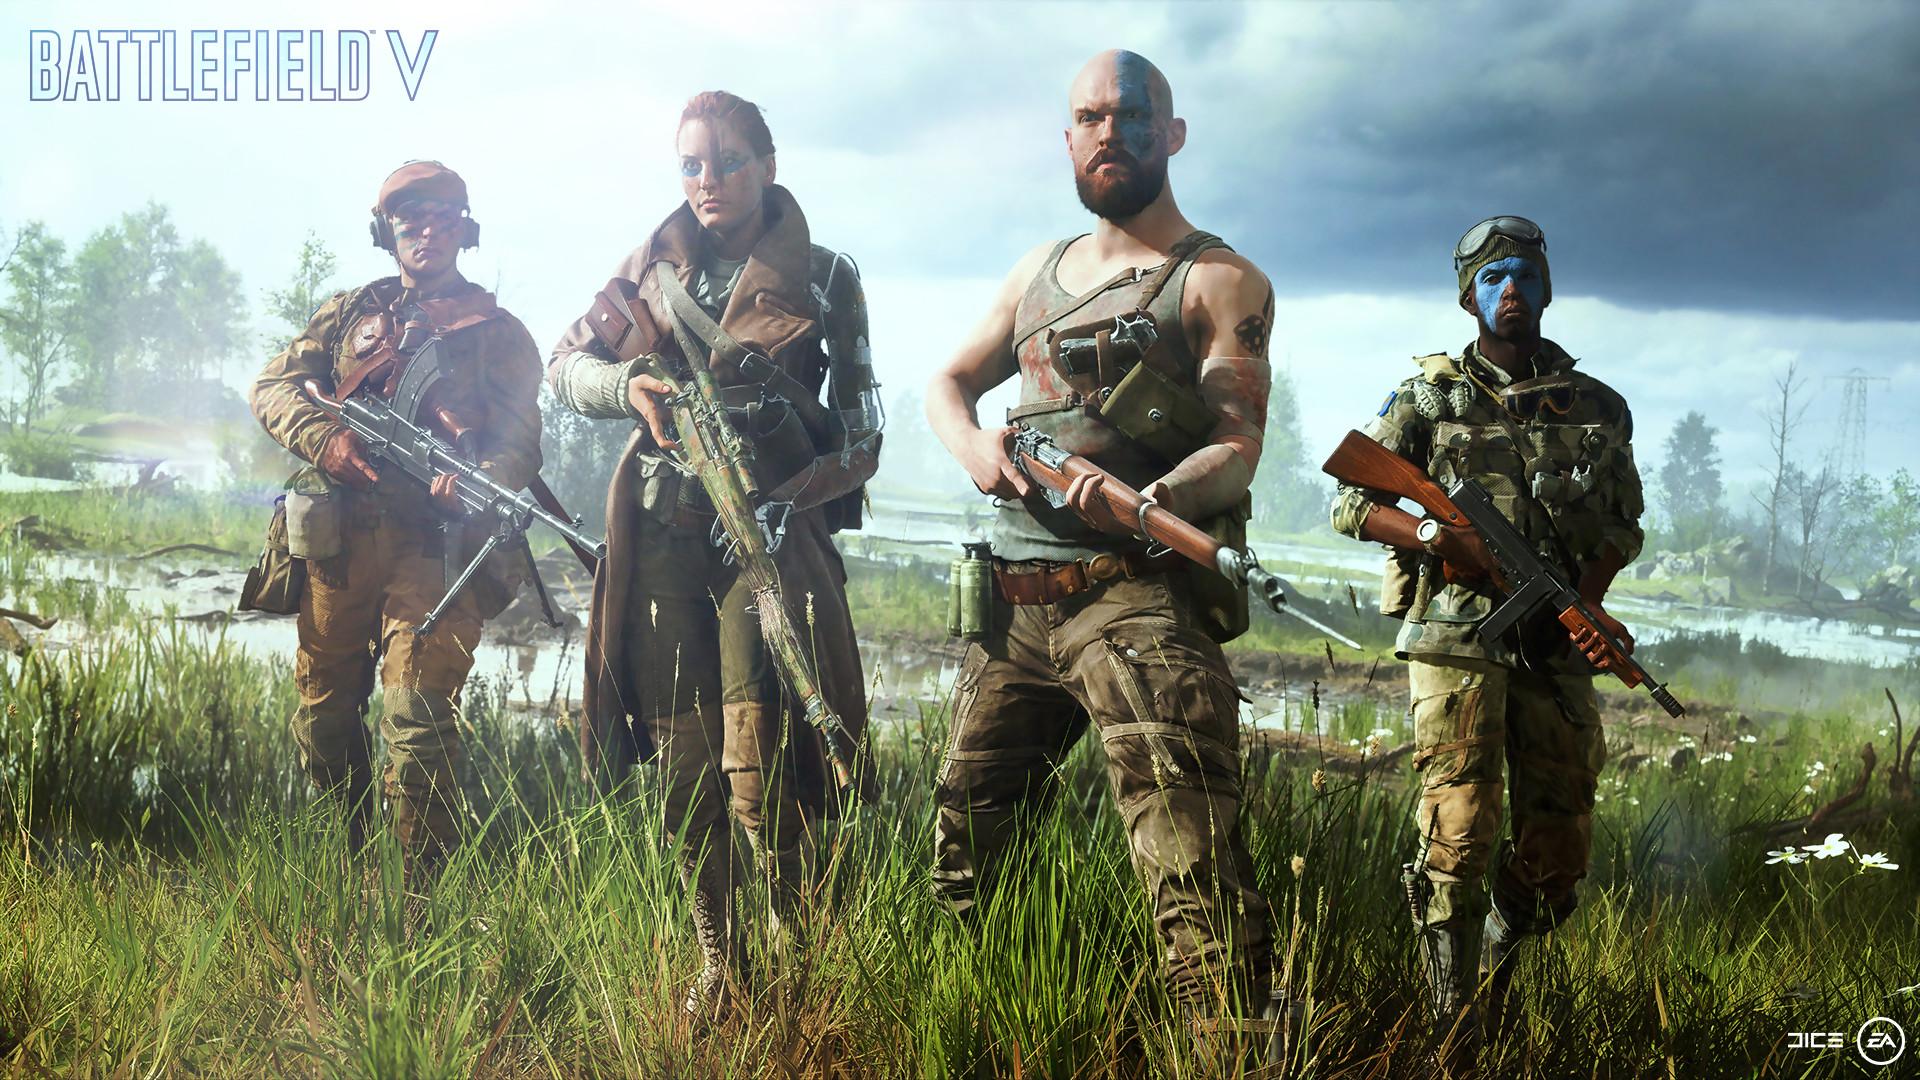 Battlefield V - Quatre soldats, armes à la main